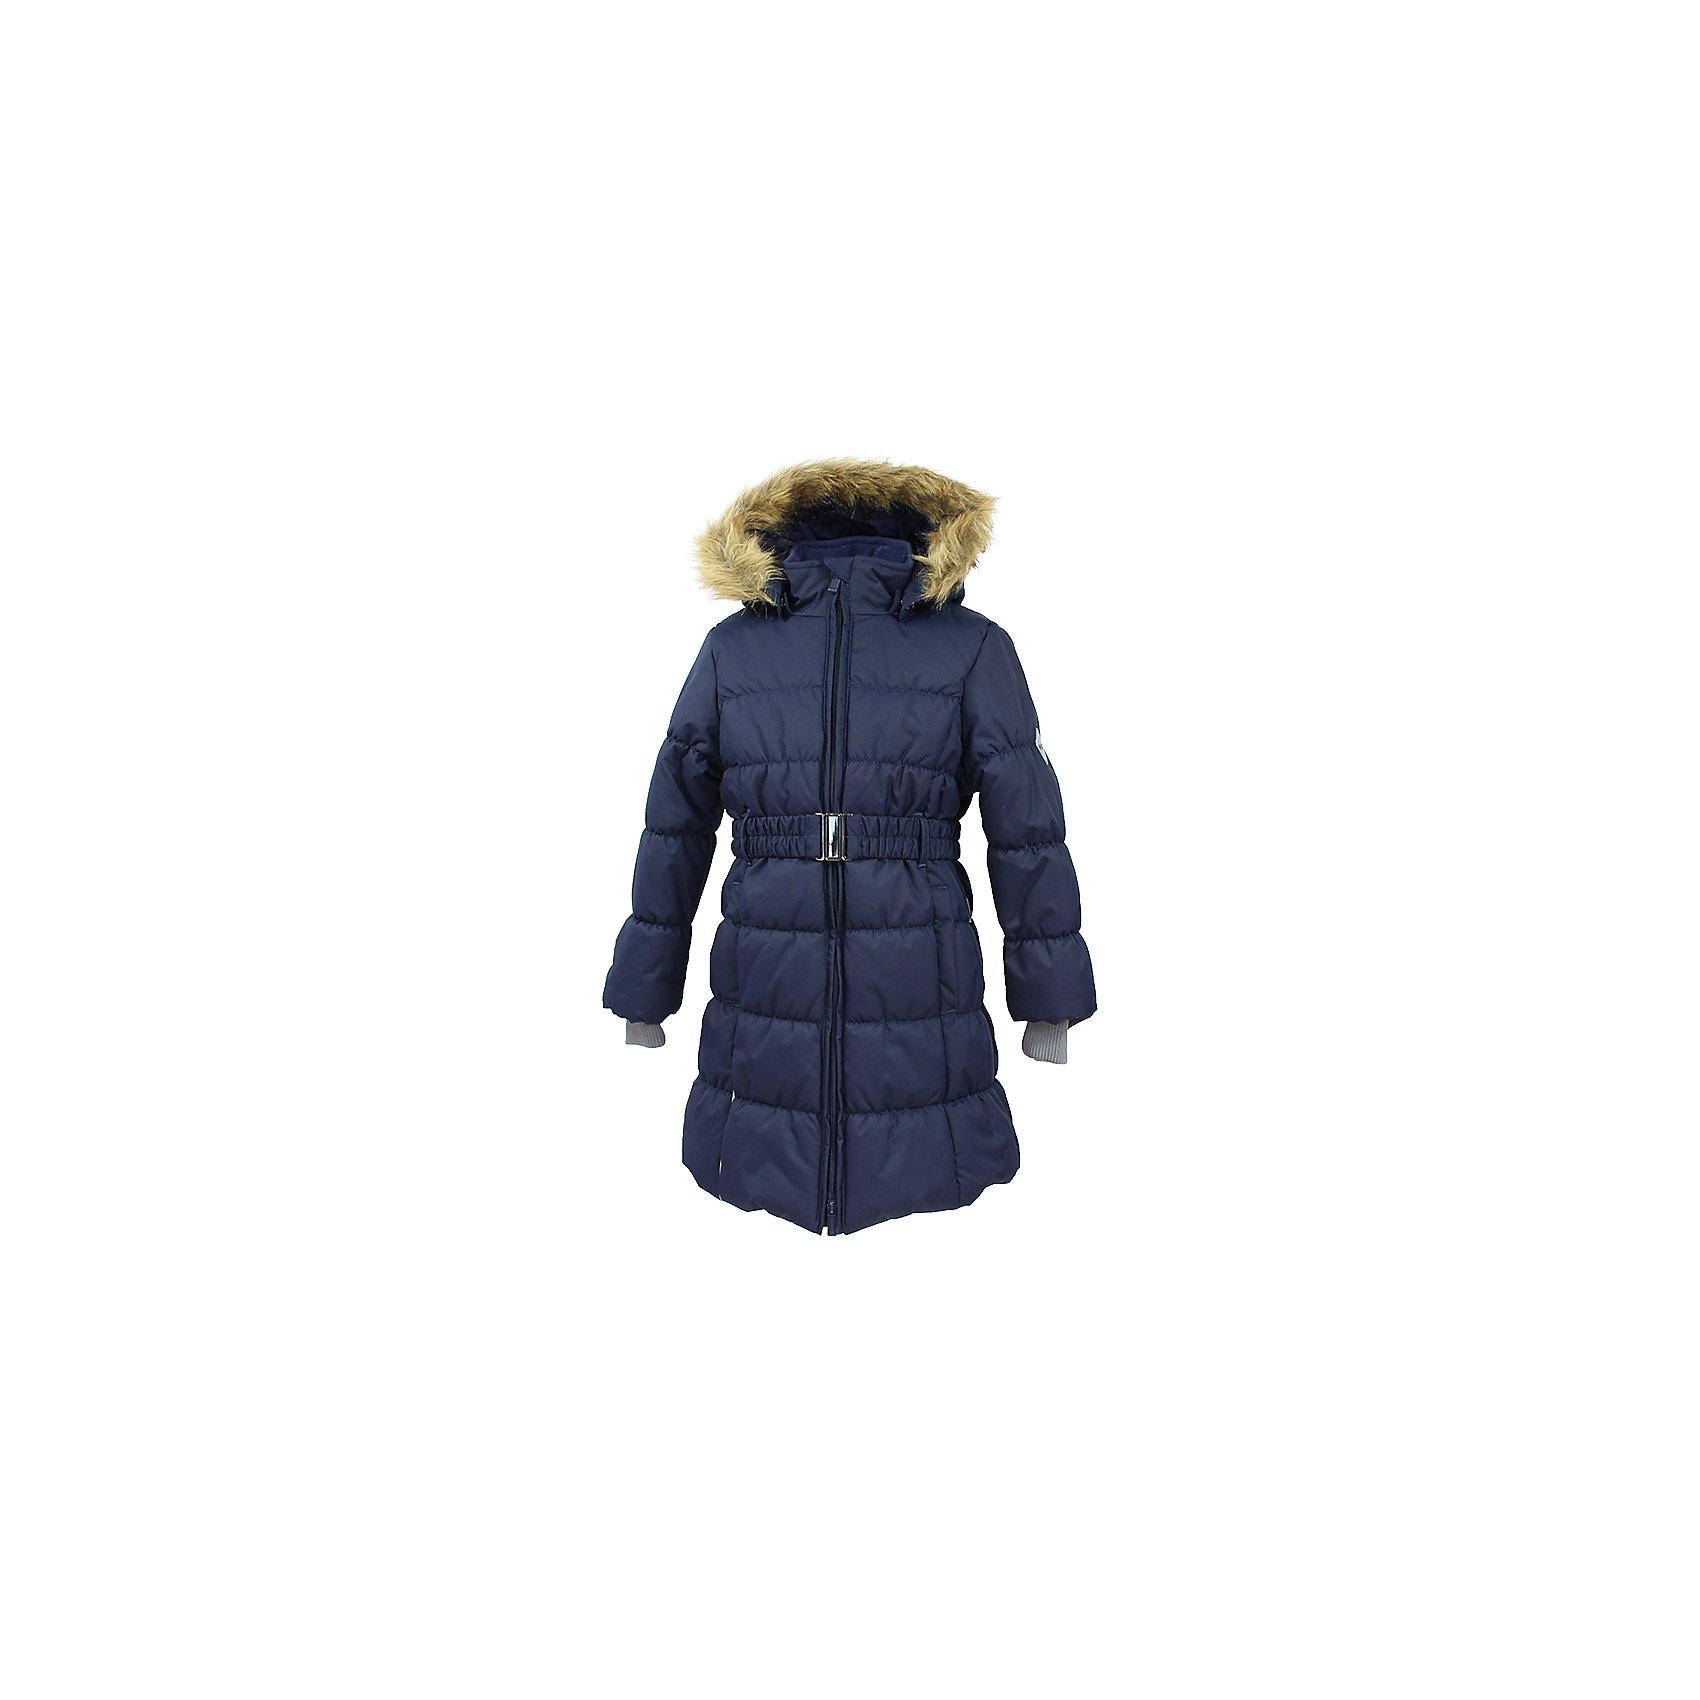 Пальто YACARANDA Huppa для девочкиЗимние куртки<br>Куртка для девочек YACARANDA.Водо и воздухонепроницаемость 10 000. Утеплитель 300 гр. Подкладка тафта, флис 100% полиэстер. Отстегивающийся капюшон с мехом. Внутренний манжет рукава.Вязаные детали.Двухсторонняя молния. Имеются светоотражательные детали.<br>Состав:<br>100% Полиэстер<br><br>Ширина мм: 356<br>Глубина мм: 10<br>Высота мм: 245<br>Вес г: 519<br>Цвет: синий<br>Возраст от месяцев: 168<br>Возраст до месяцев: 180<br>Пол: Женский<br>Возраст: Детский<br>Размер: 170,104,110,116,122,128,134,140,146,152,158,164<br>SKU: 7027440